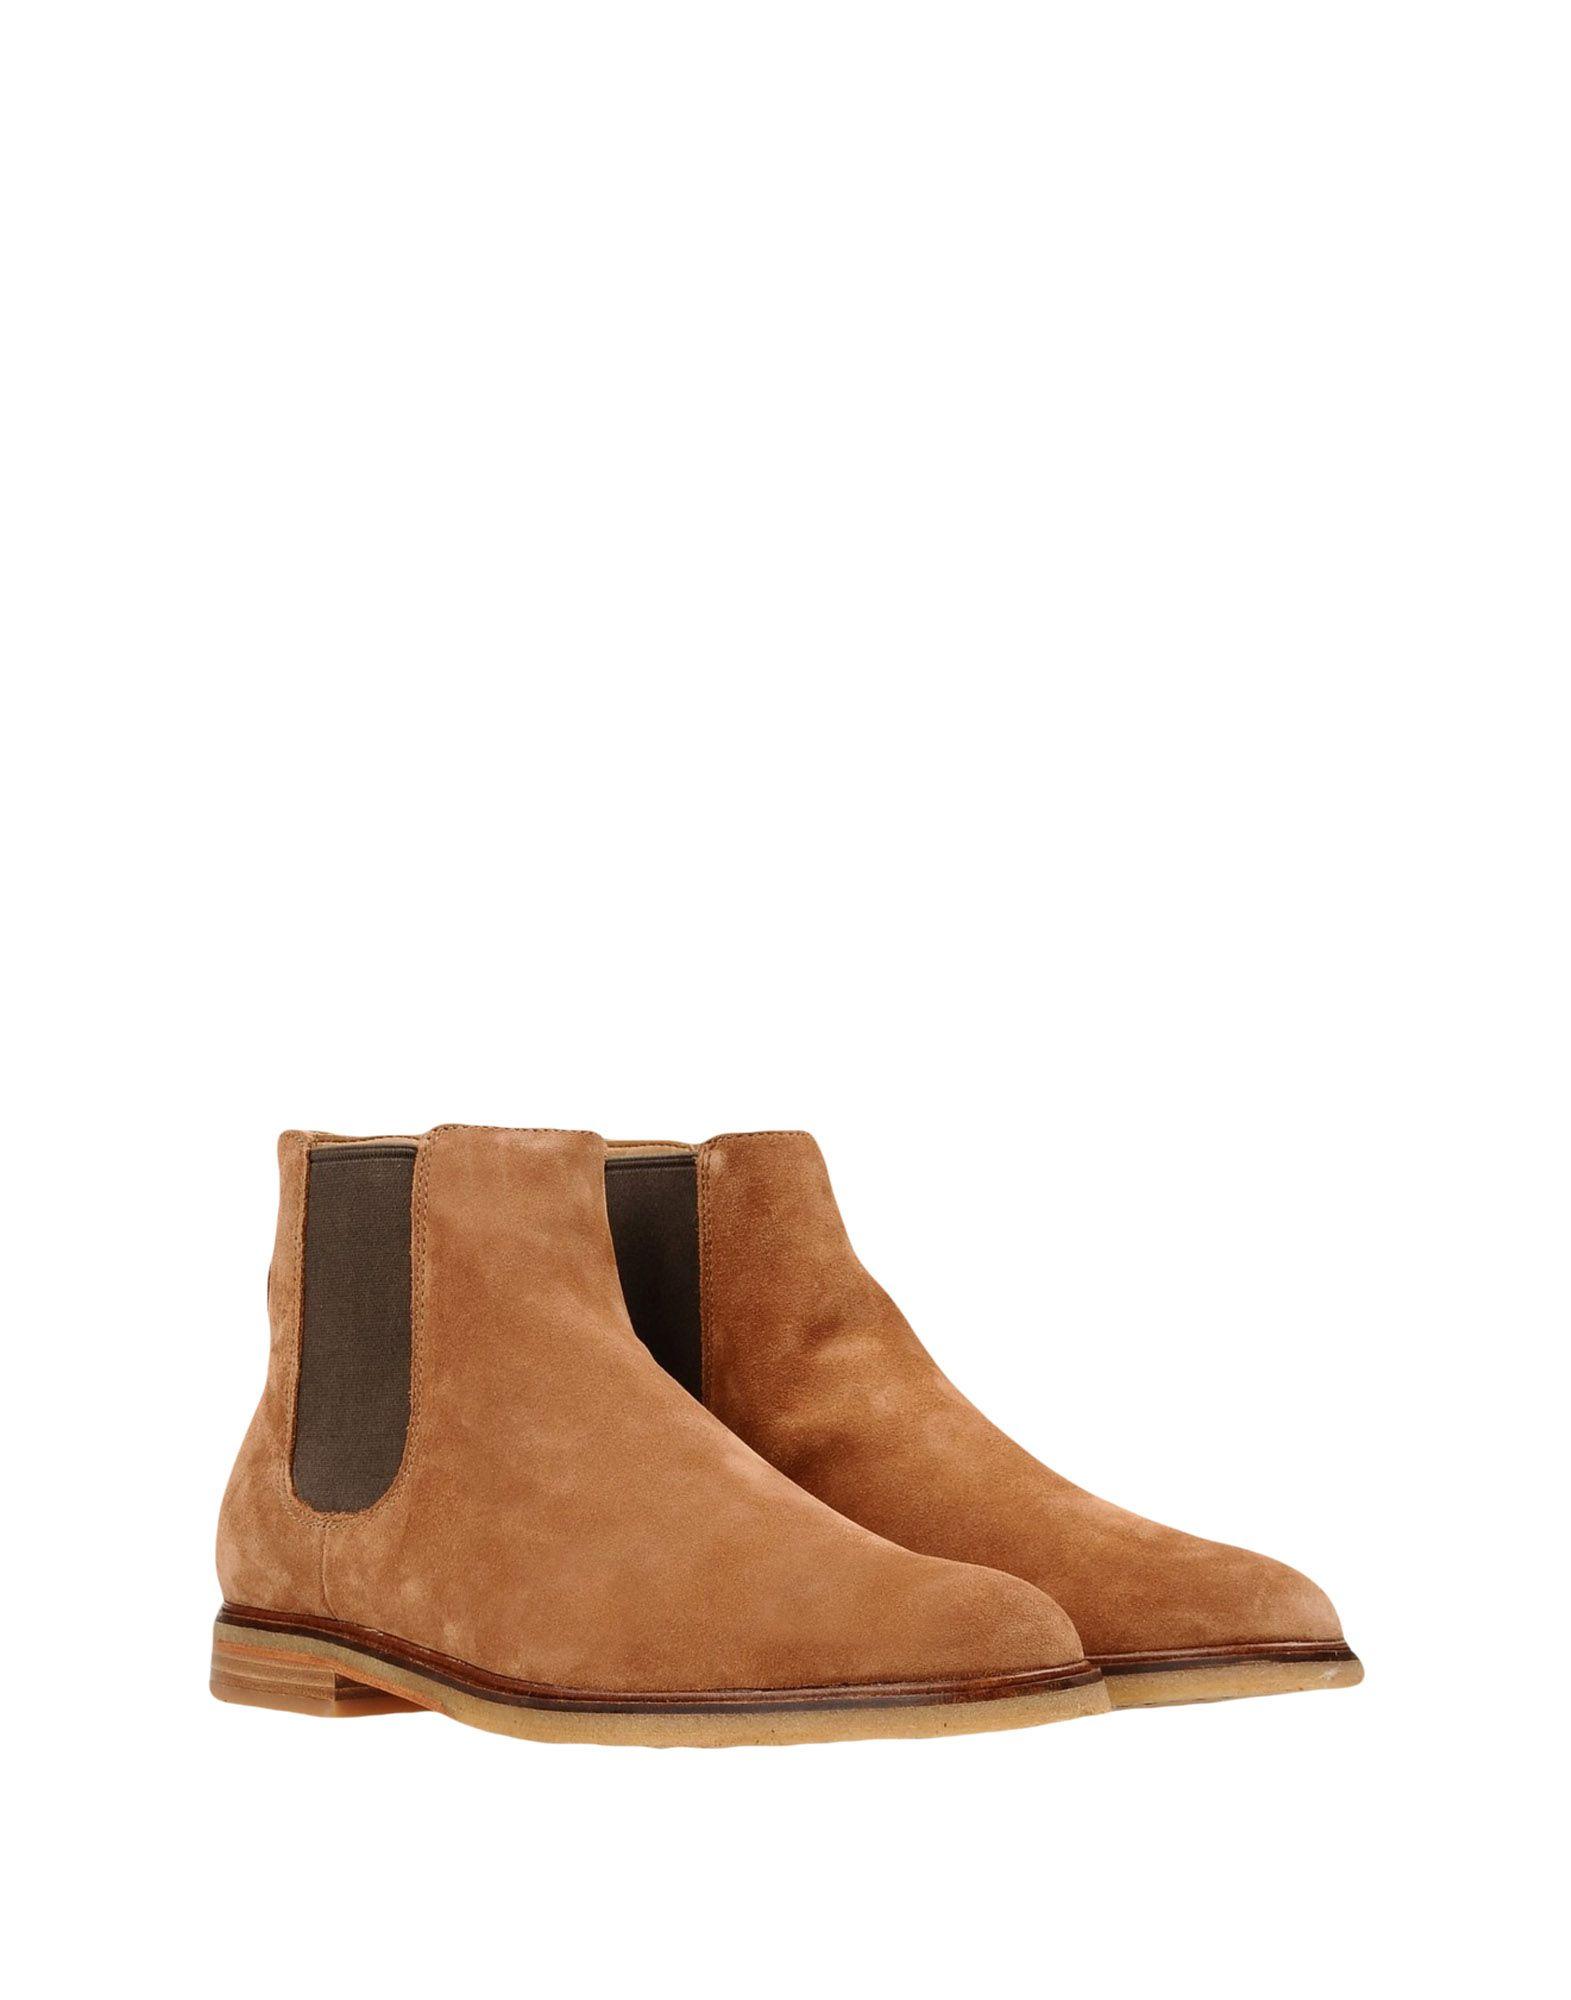 Haltbare Mode billige Schuhe Clarks Stiefelette Herren  11355393BJ Heiße Schuhe